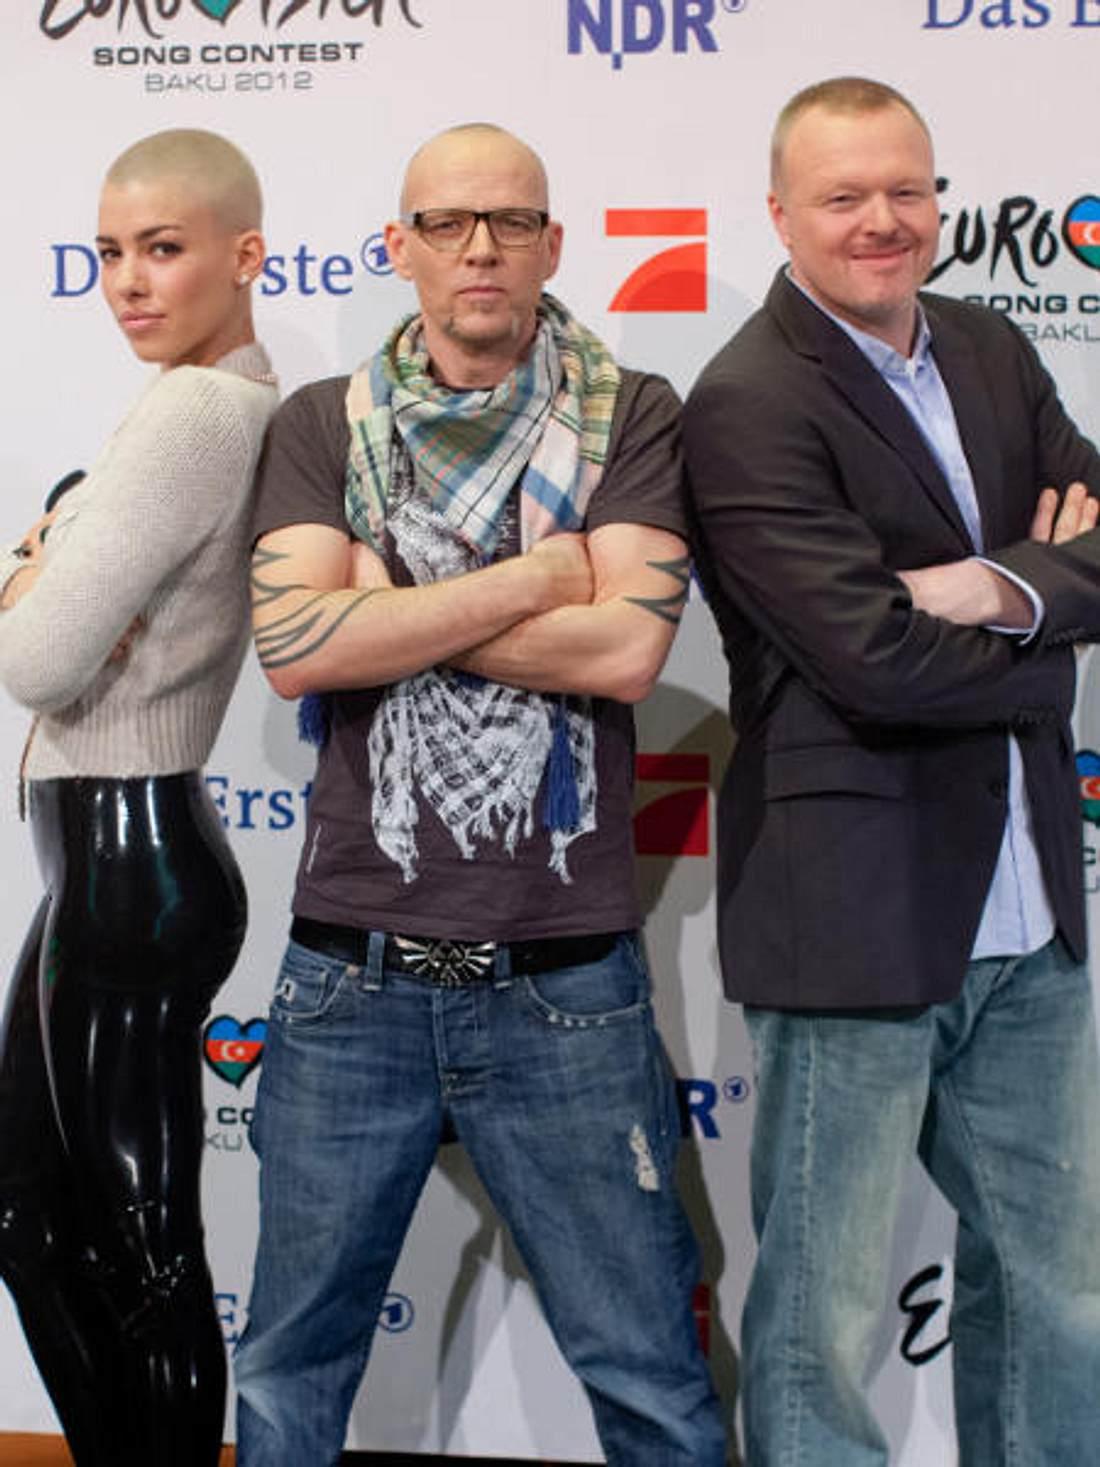 """Die Jury von """"Unser Star für Baku"""": Alina Süggeler (Sängerin von """"Frida Gold""""), Thomas D (""""Die Fantastischen Vier"""") und natürlich Stefan Raab (v. l. n. r.)"""